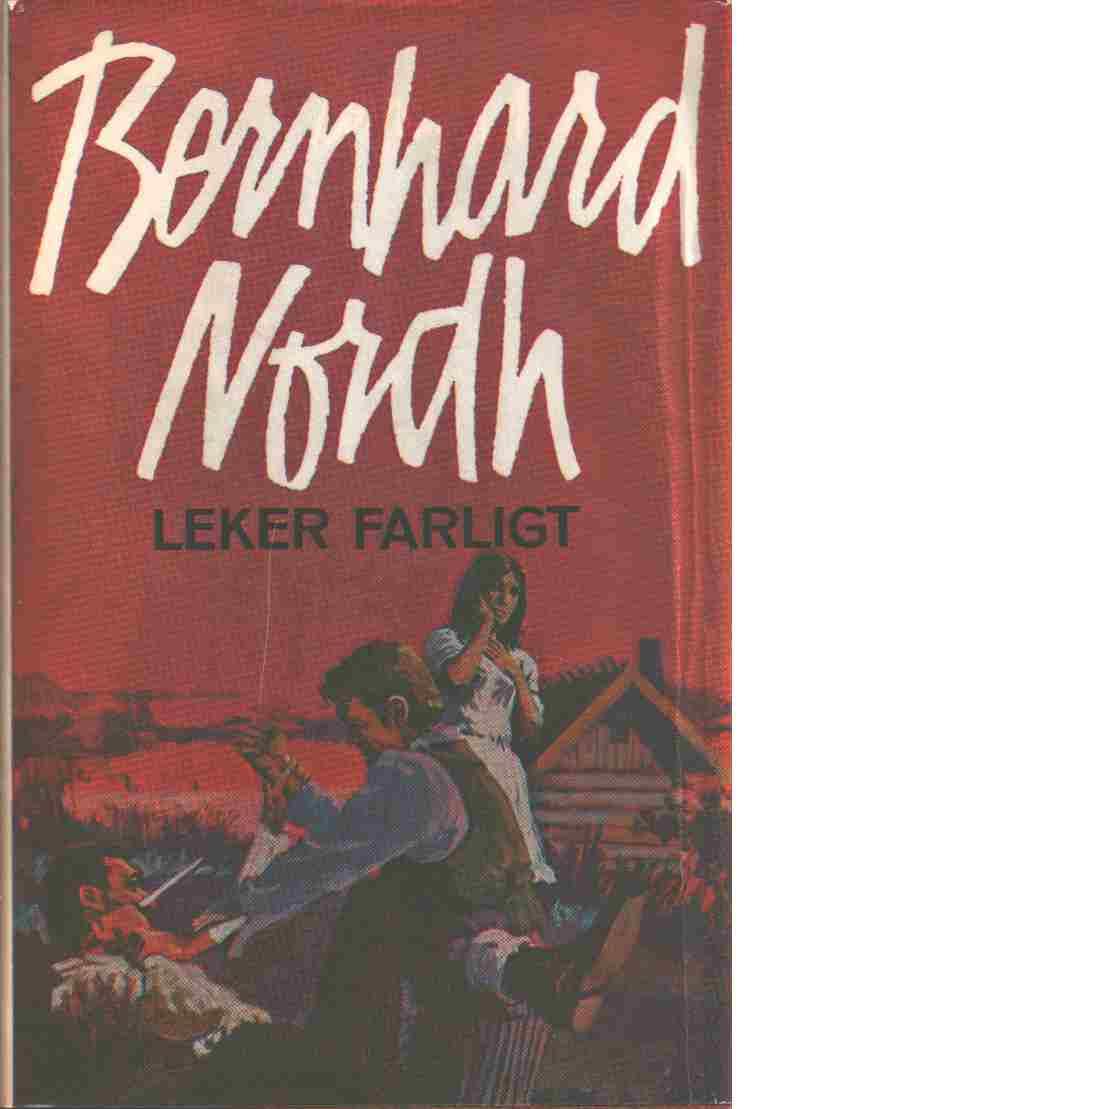 Leker farligt - Nordh, Bernhard